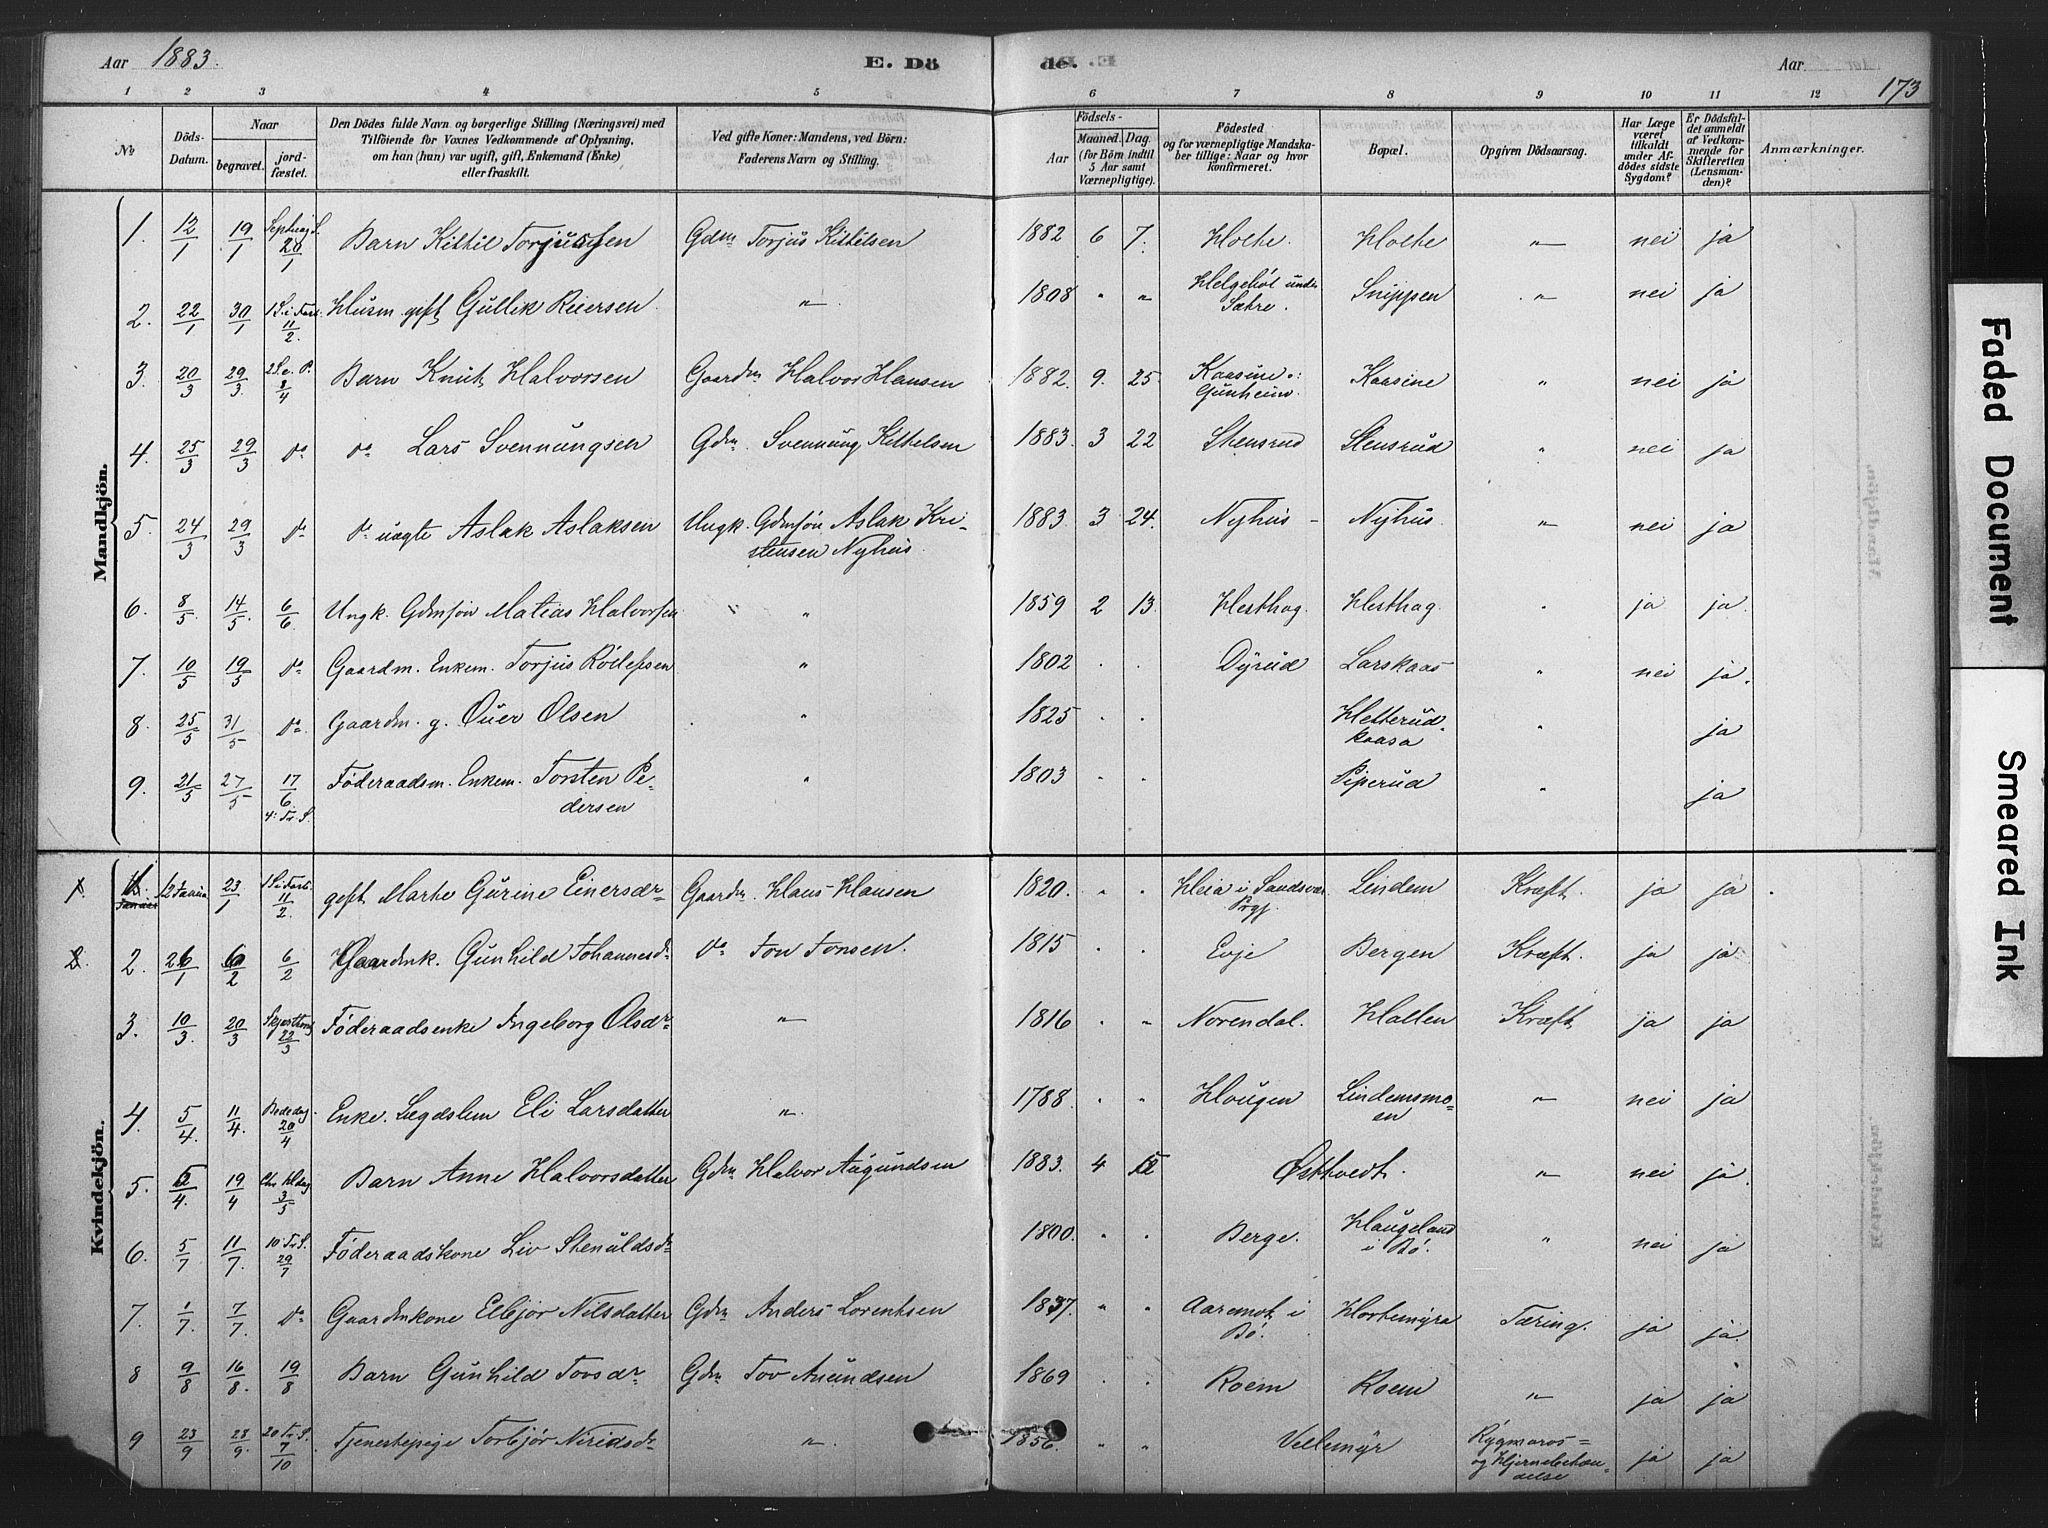 SAKO, Sauherad kirkebøker, F/Fb/L0002: Ministerialbok nr. II 2, 1878-1901, s. 173